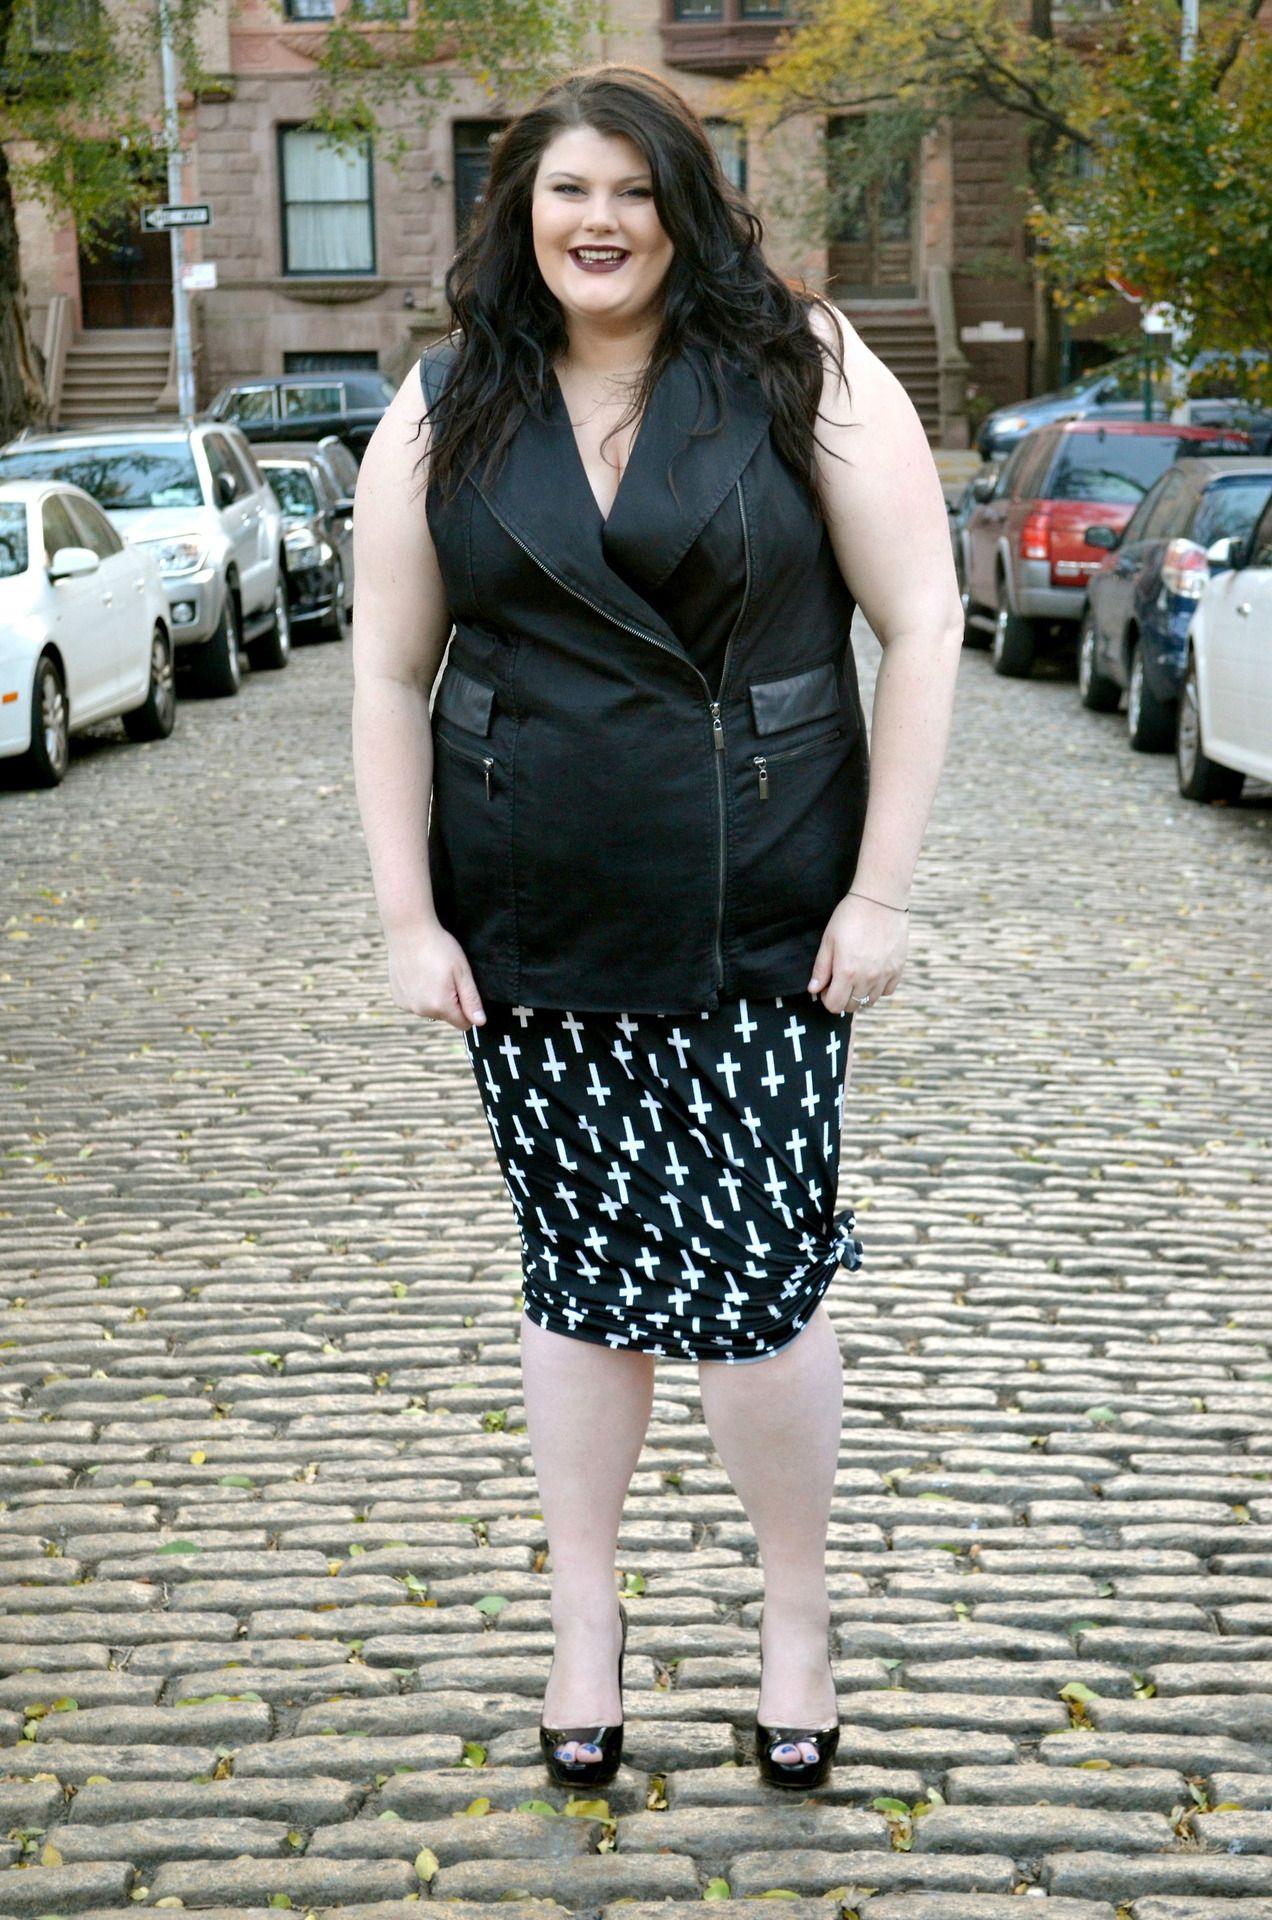 Tall girl fat 7 Girls